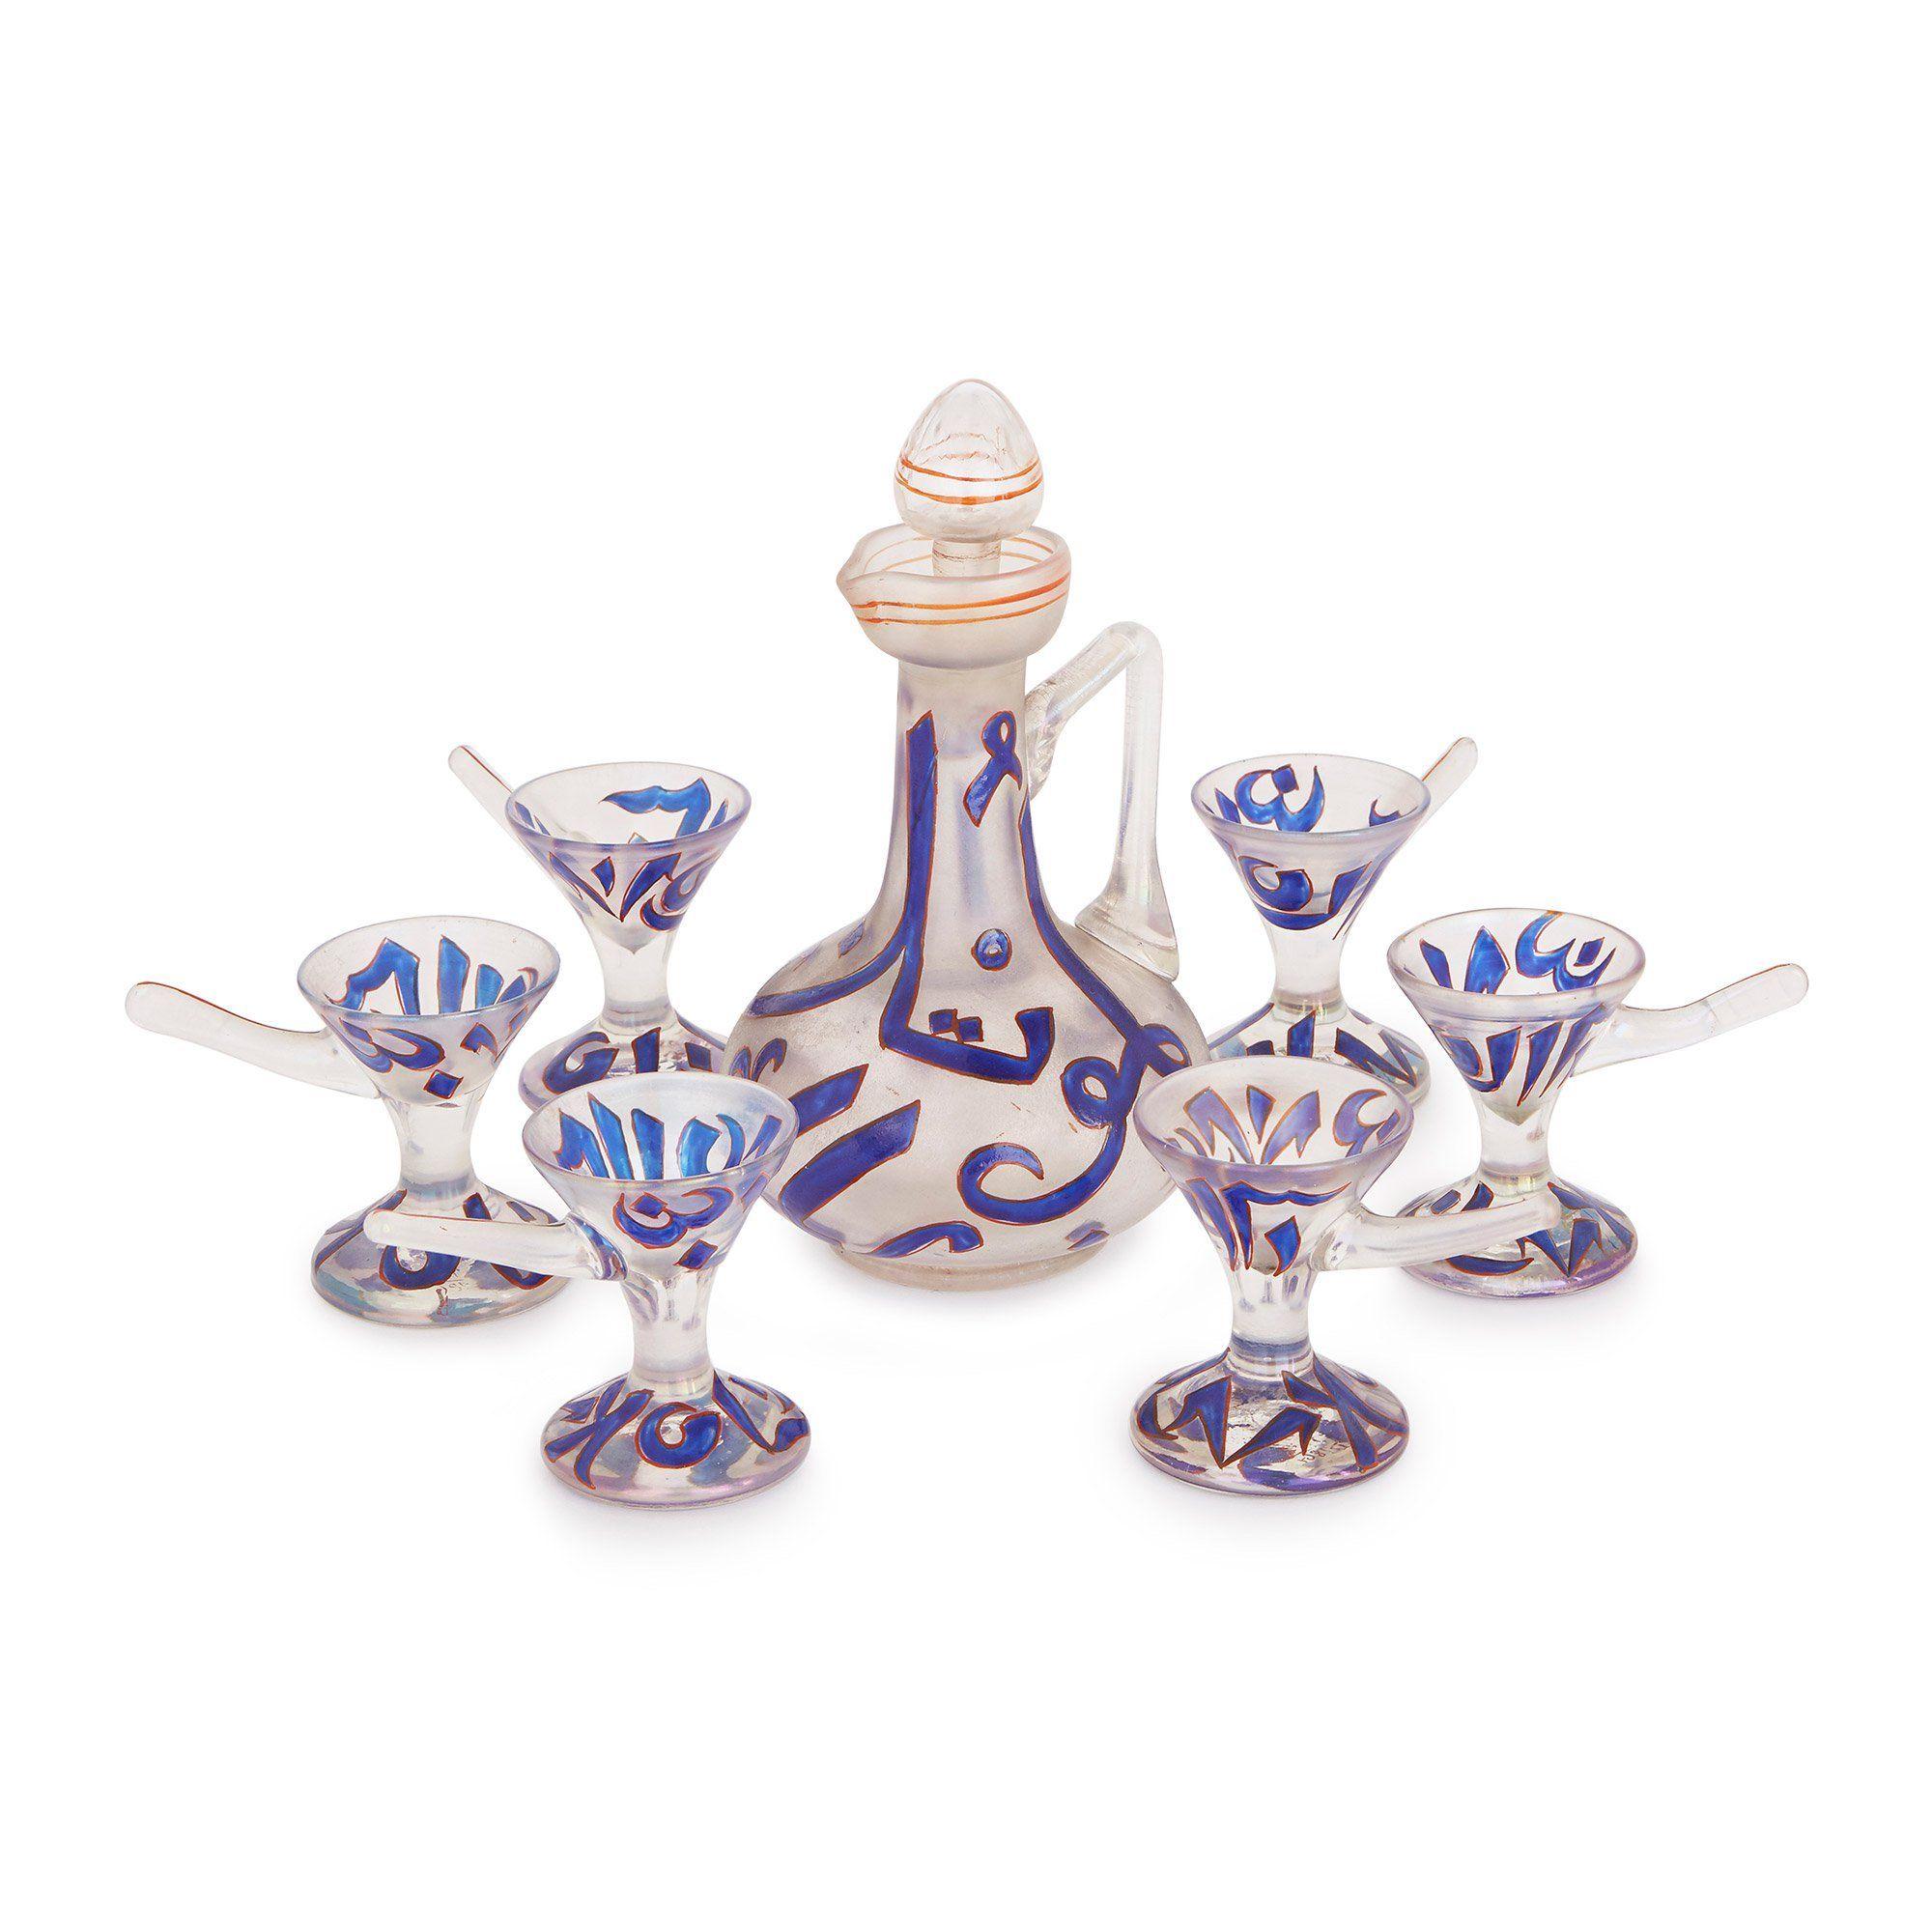 Enamelled glass antique liqueur set by Moser